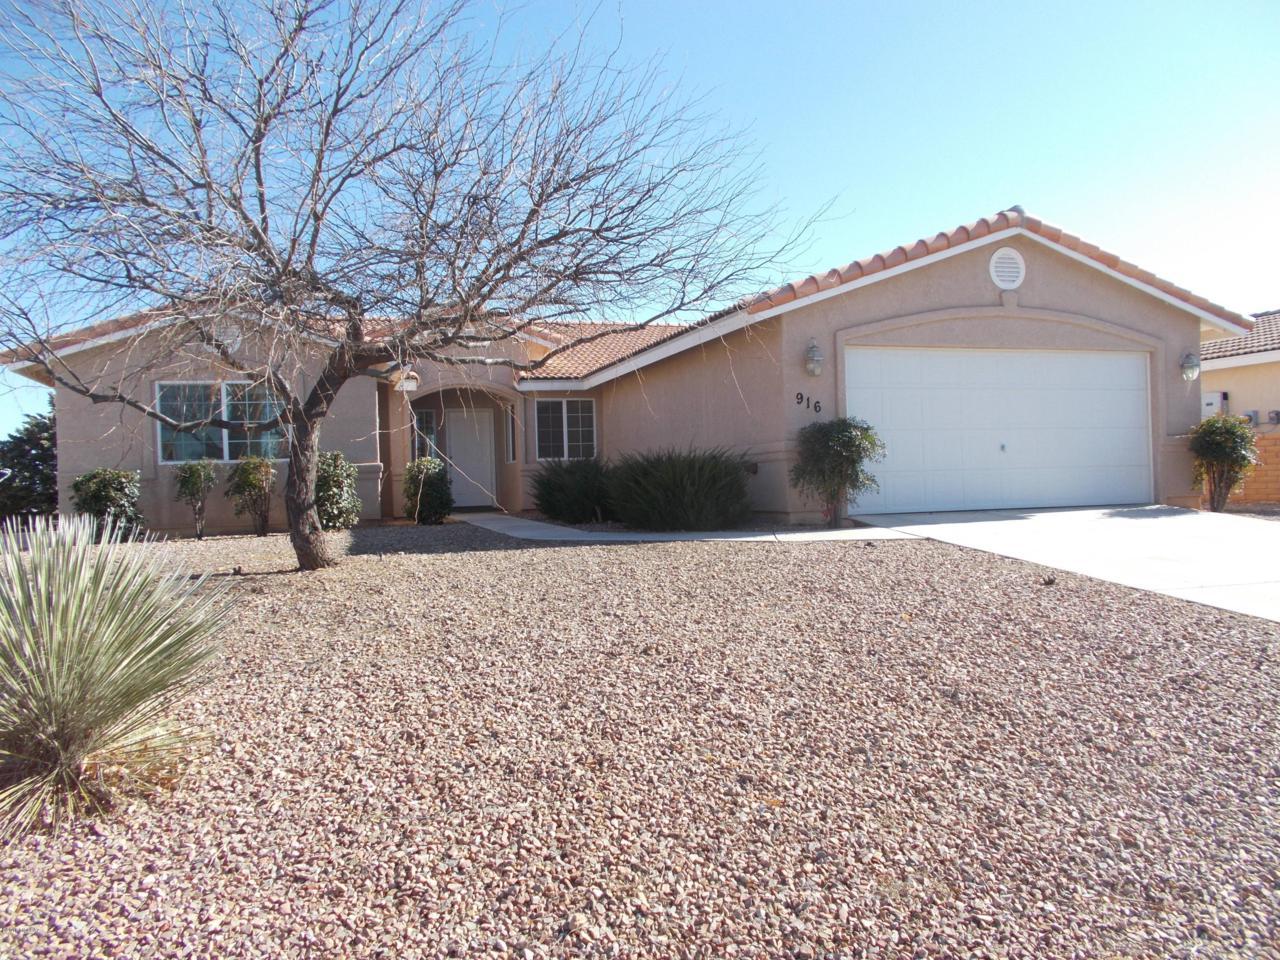 916 Saguaro Drive - Photo 1